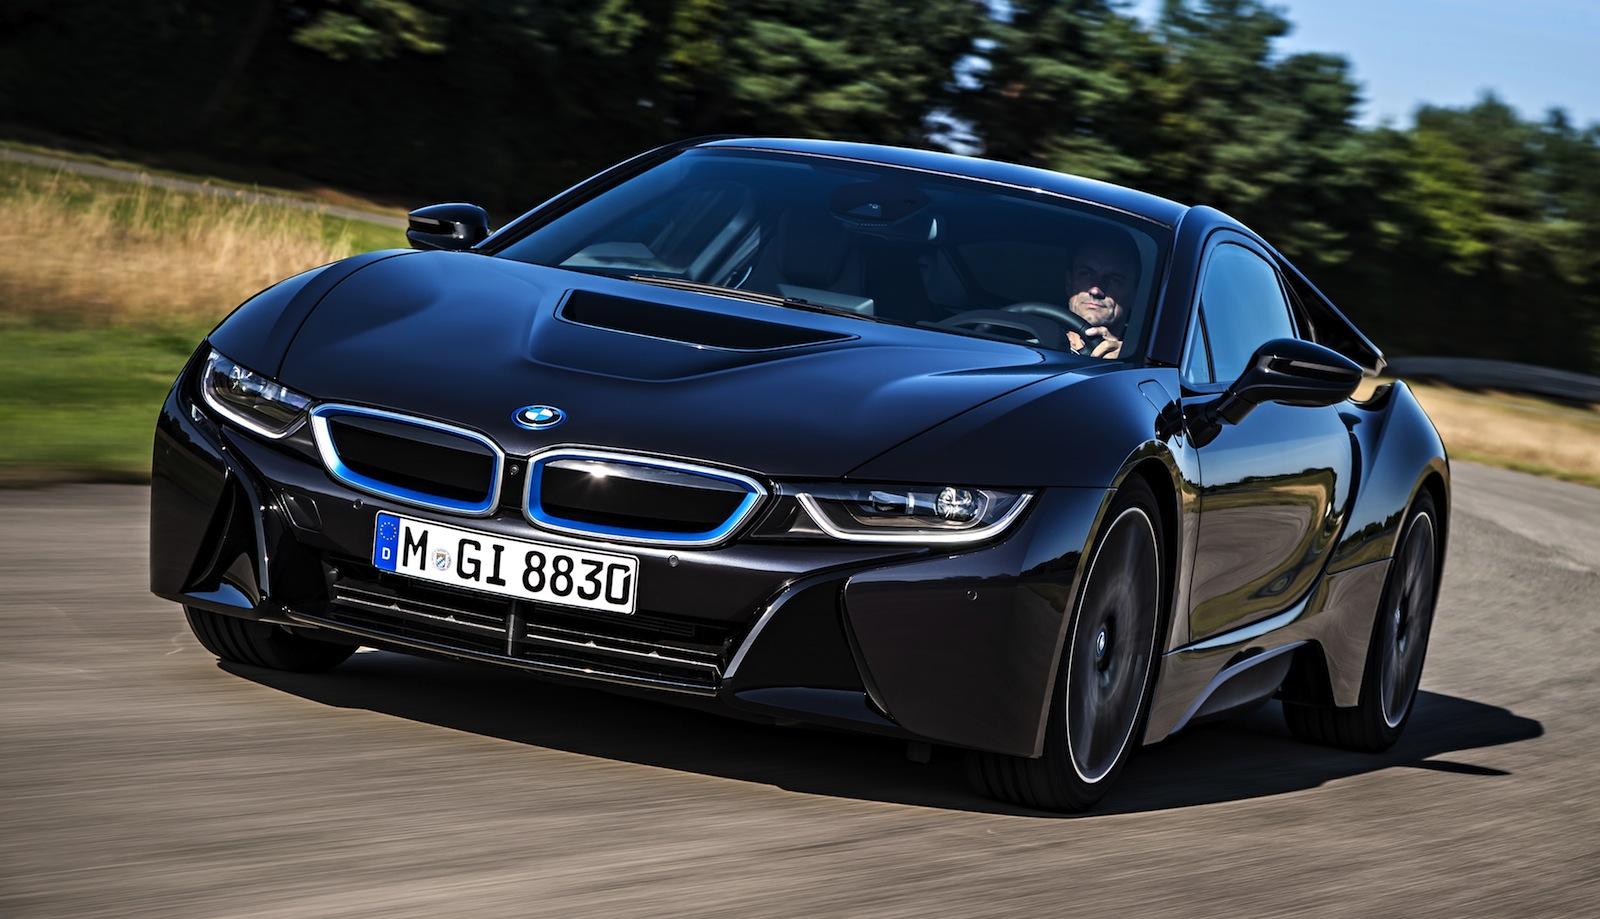 画像 未来の車?いえ、現実の車です。bmw「i8」 Naver まとめ